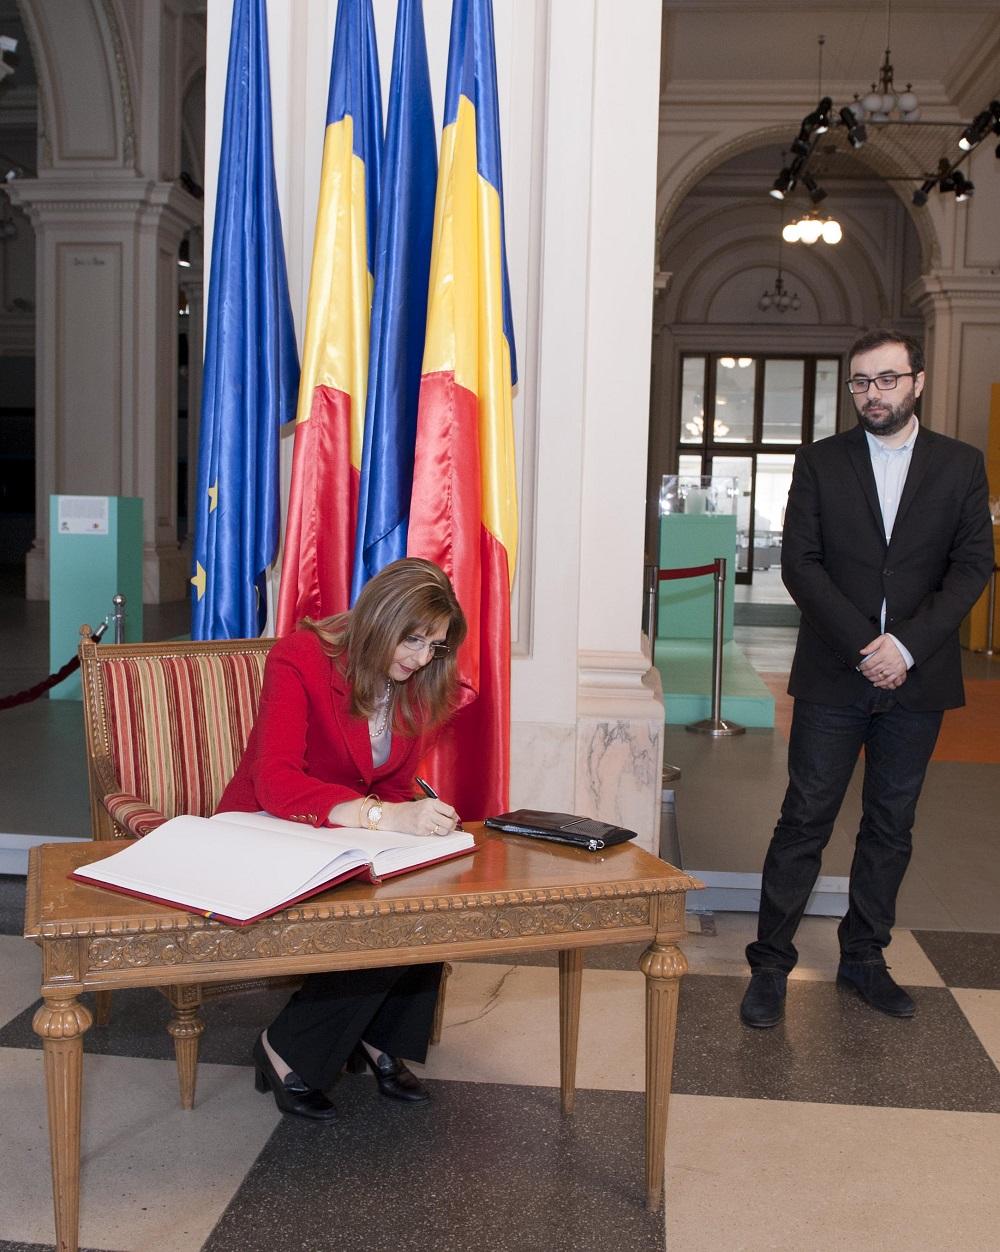 principesa-maria-vizita-la-muzeul-national-de-istorie-14-februarie2017-foto-daniel-angelescu-c-casa-ms-regelui-11